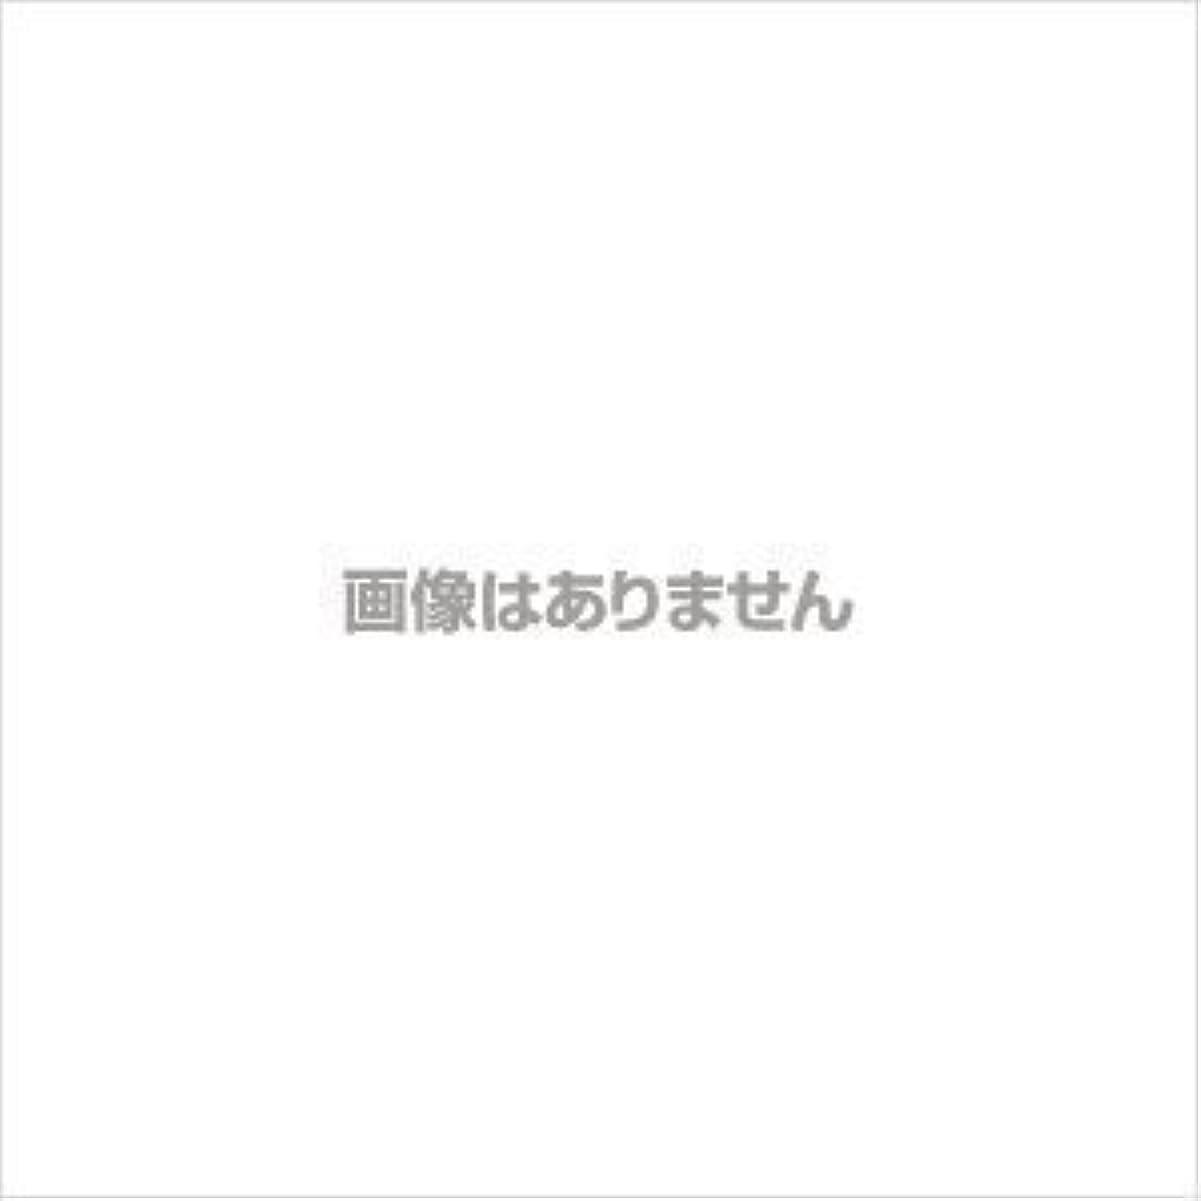 初期モノグラフ送信する(まとめ買い) 壽堂紙製品 コピー偽造防止用紙 01047 01047 【×3】